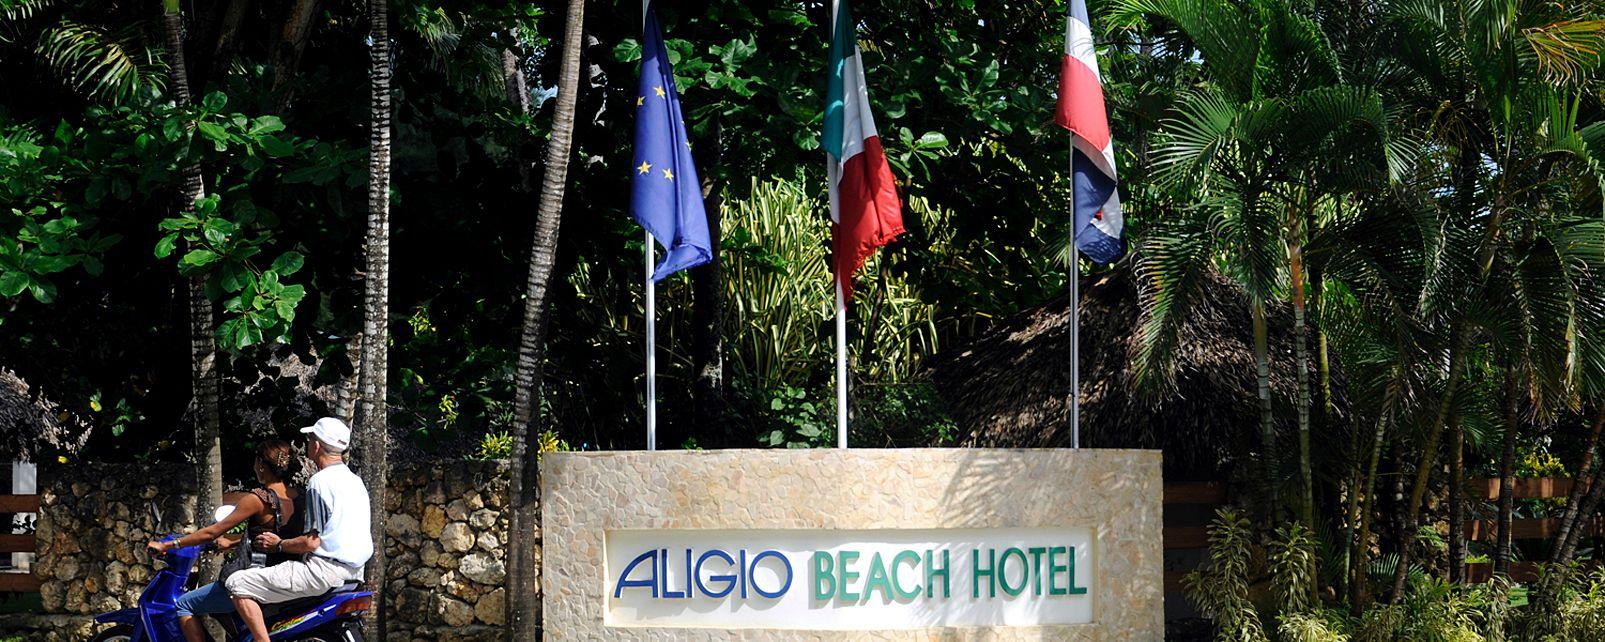 Hôtel Aligio apart